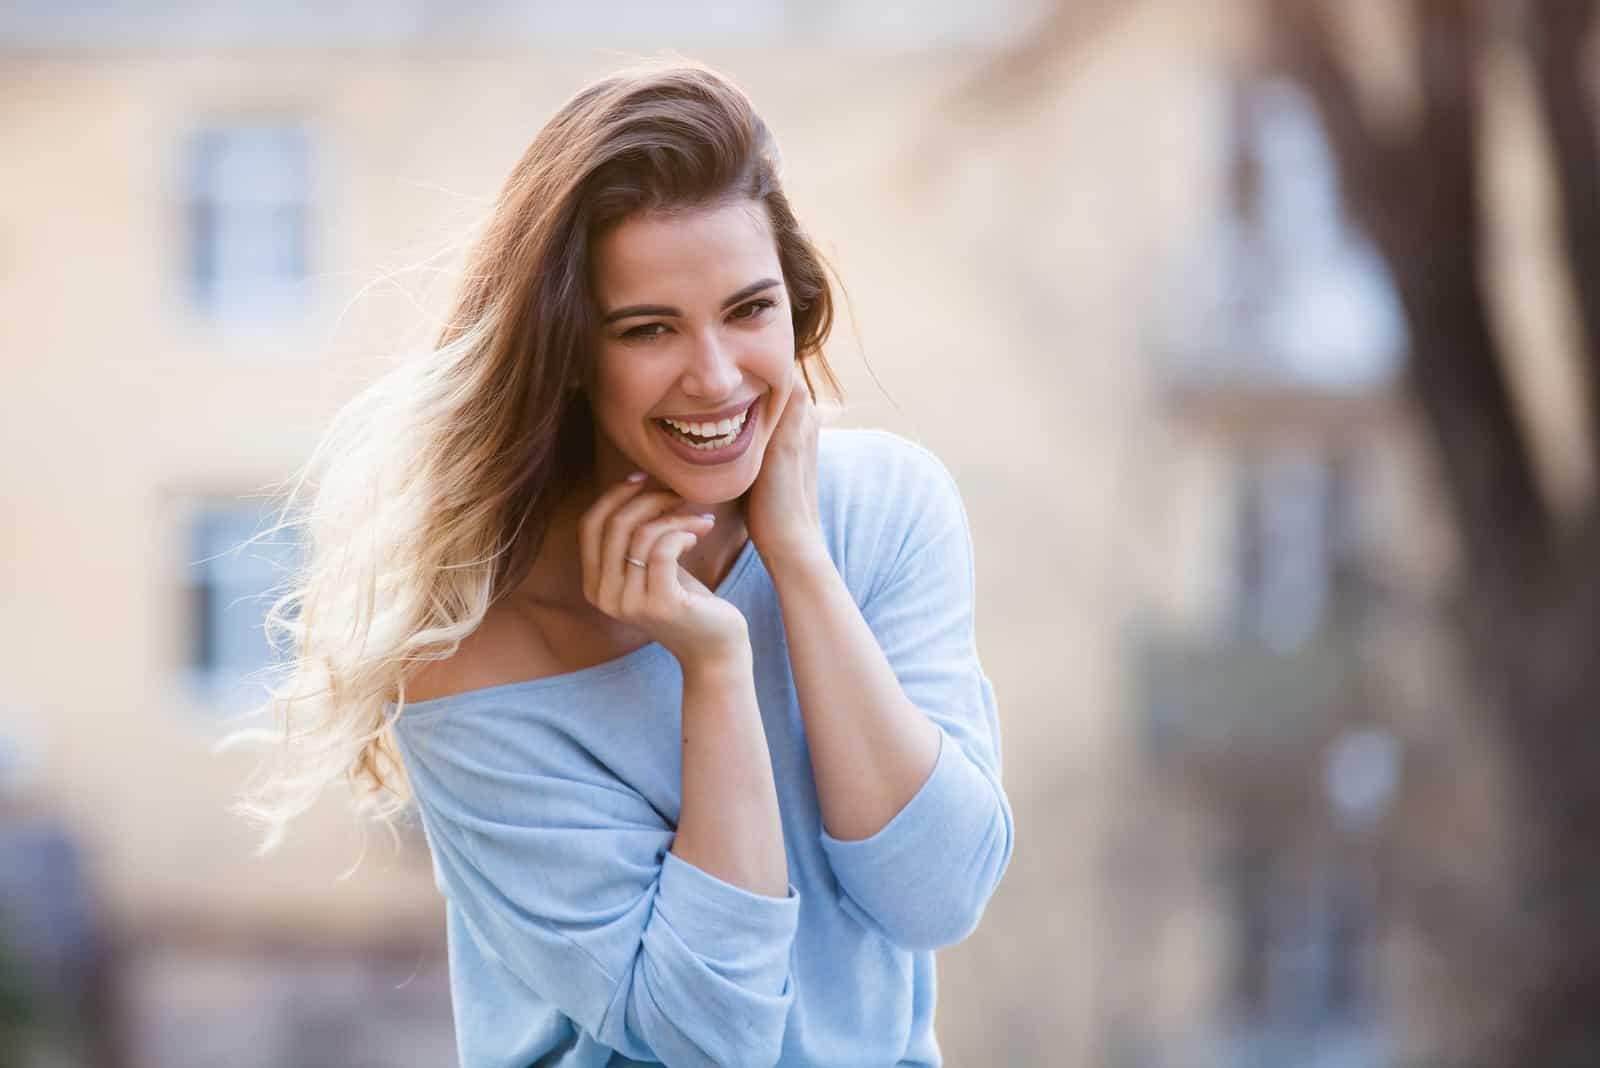 eine lächelnde braunhaarige Frau